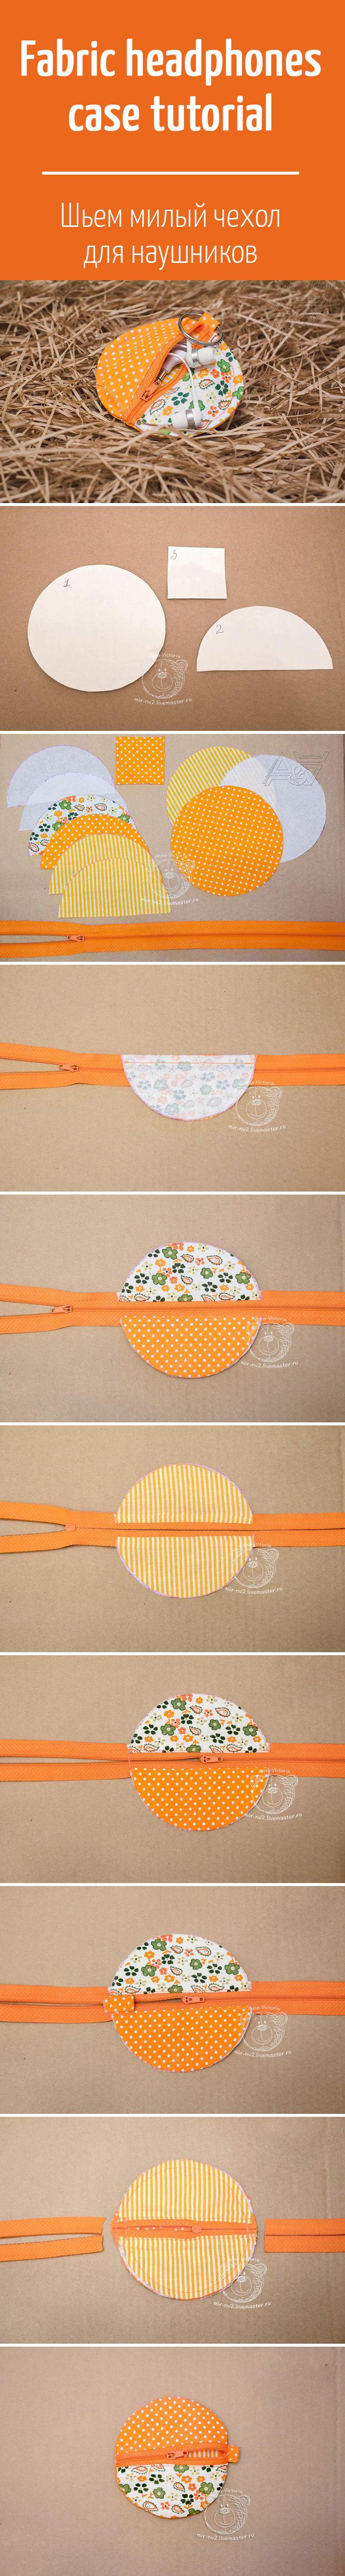 Шьем милый чехол для наушников и иных мелочей. Очень нужная вещь / Fabric headphones case tutorial